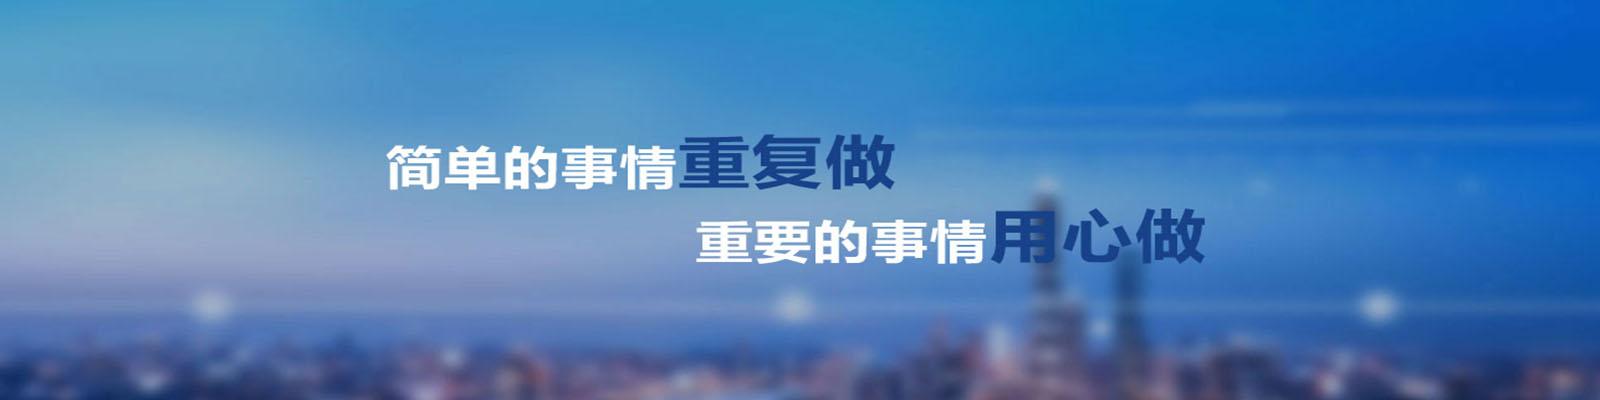 杨浦区商标注册找谁代办,商标注册